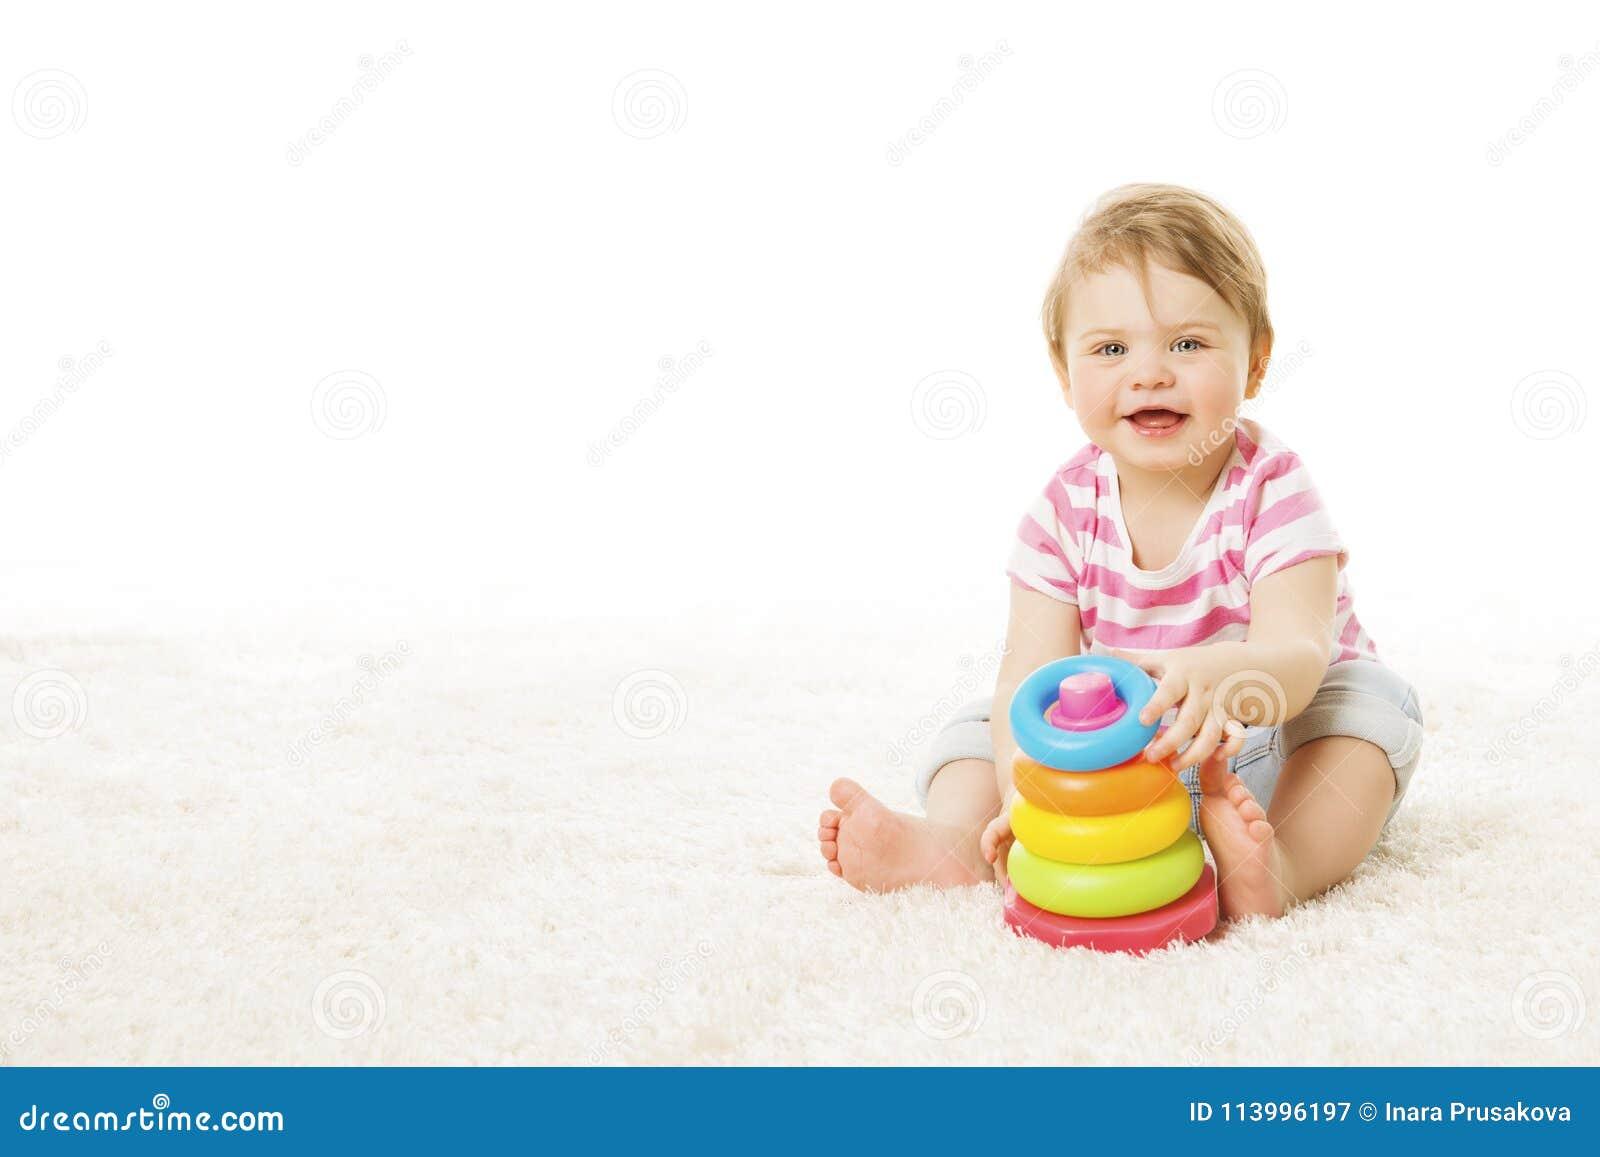 Baby-Spiel Toy Rings Pyramid, Säuglingskind, das Bausteine spielt